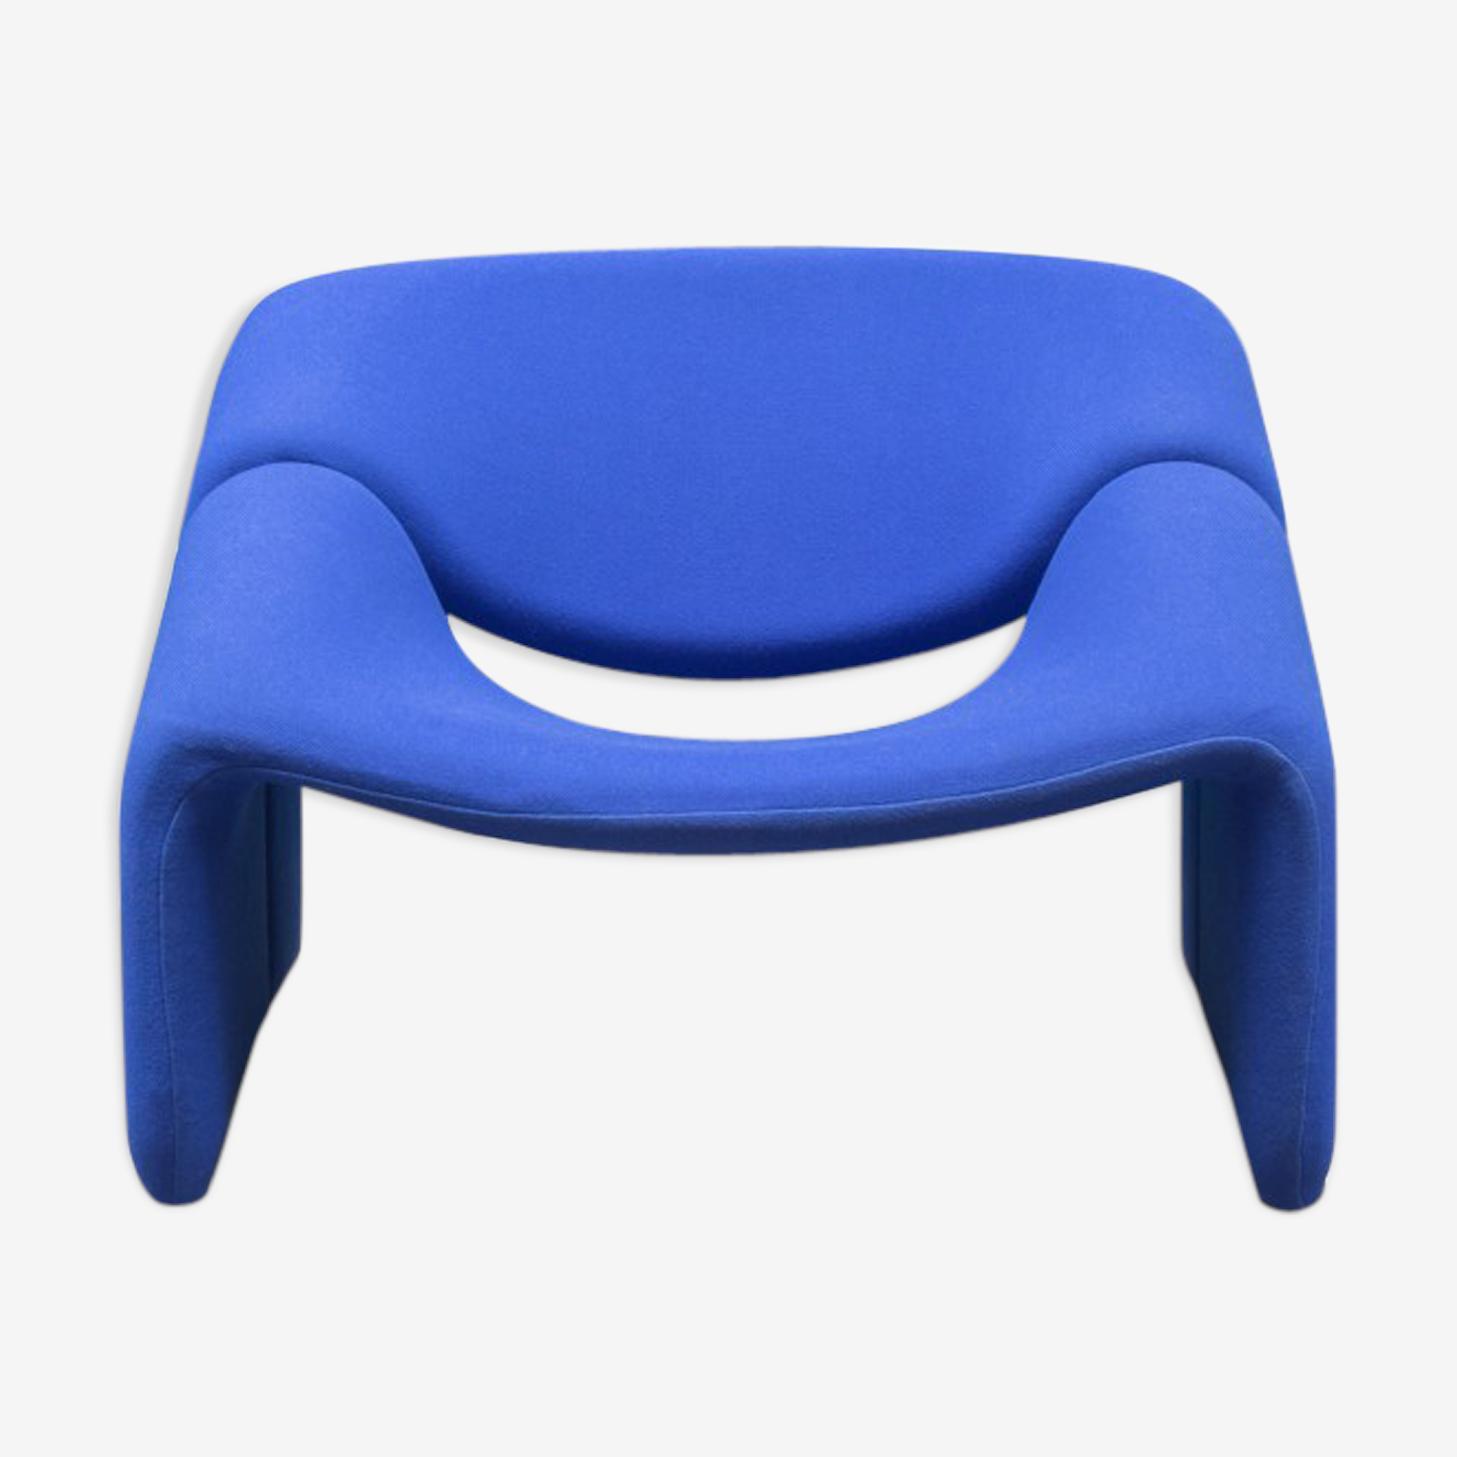 Fauteuil Groovy bleu